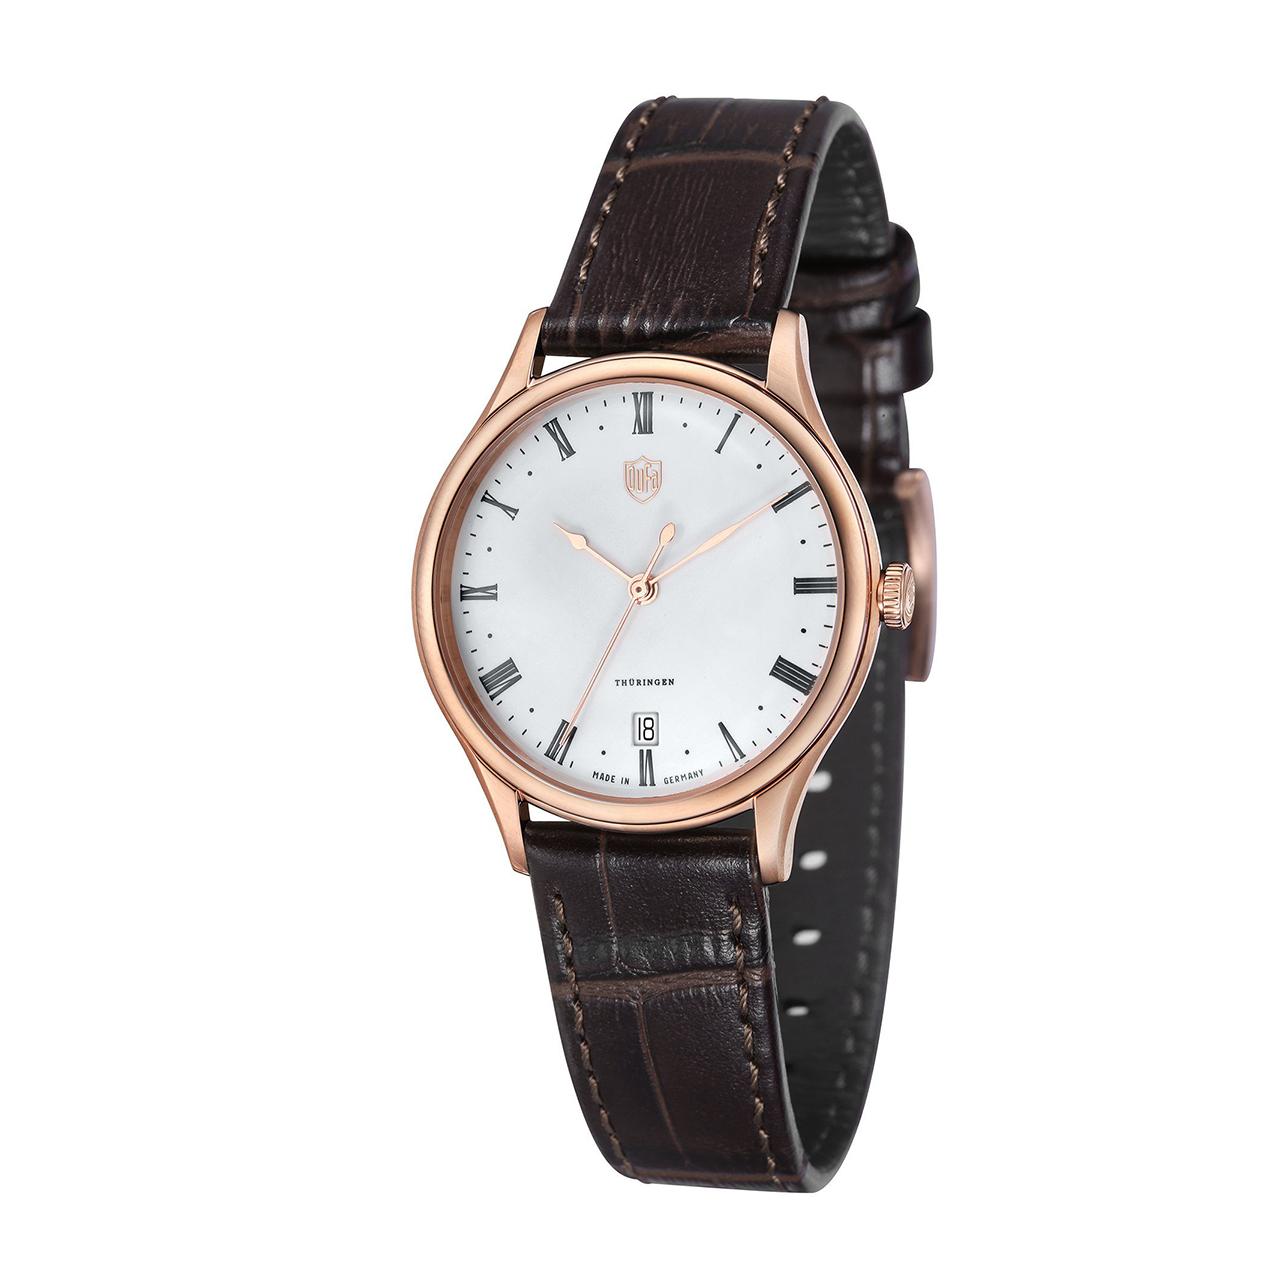 ساعت مچی عقربه ای زنانه دوفا مدل DF-7006-04 52